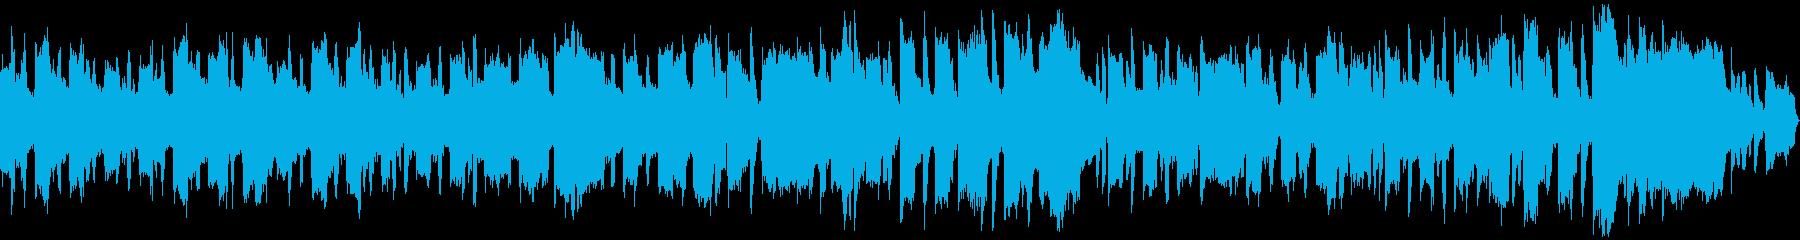 穏やかで明るいリコーダーの曲の再生済みの波形